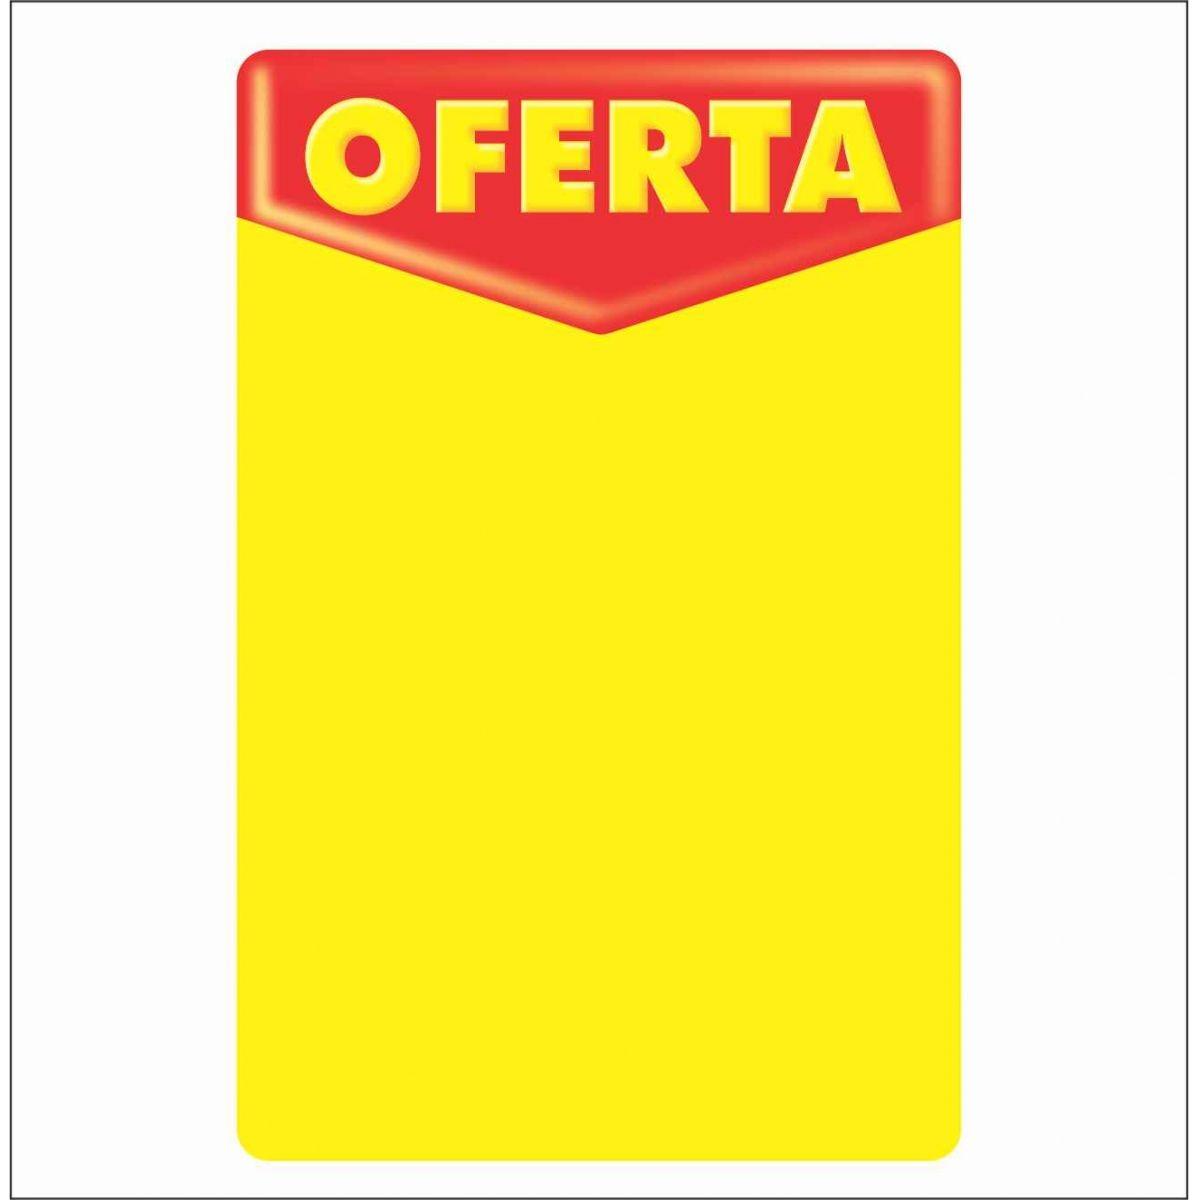 CARTAZ OFERTA 92X62CM (C/100 UNIDADES, 2D)